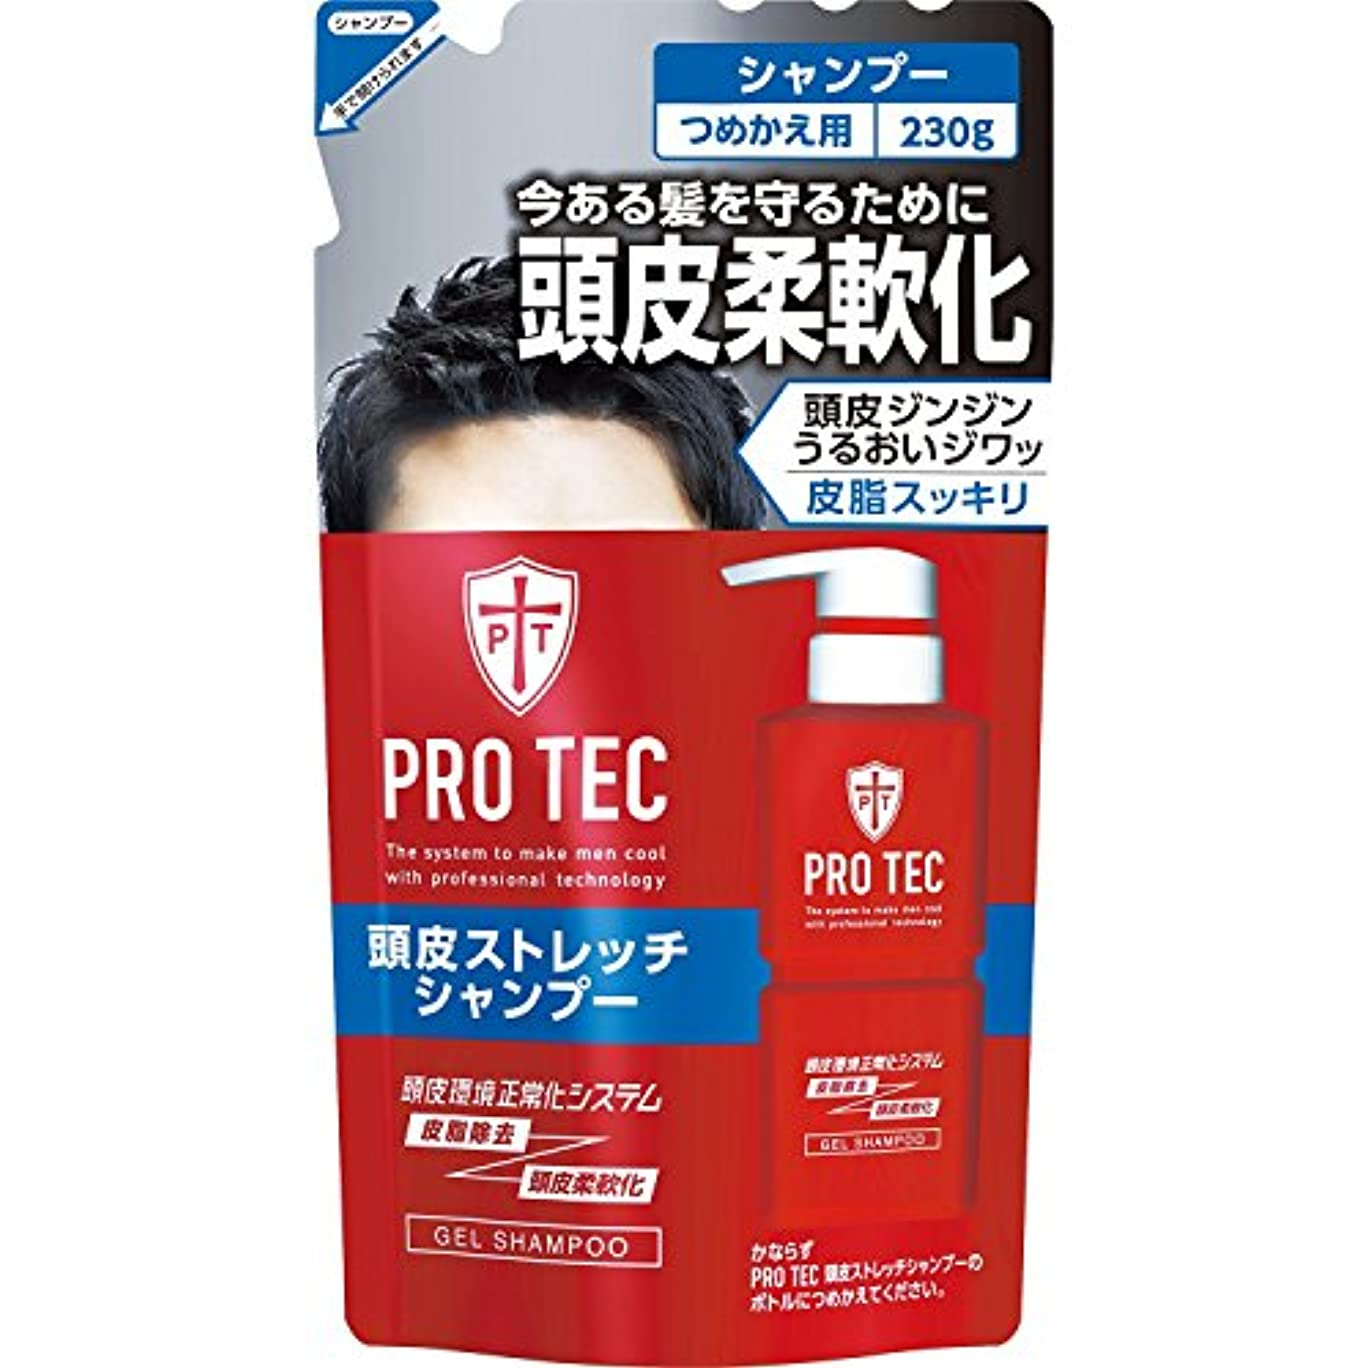 入浴姿を消す敗北PRO TEC(プロテク) 頭皮ストレッチシャンプー つめかえ用 230g (医薬部外品) ×10個セット